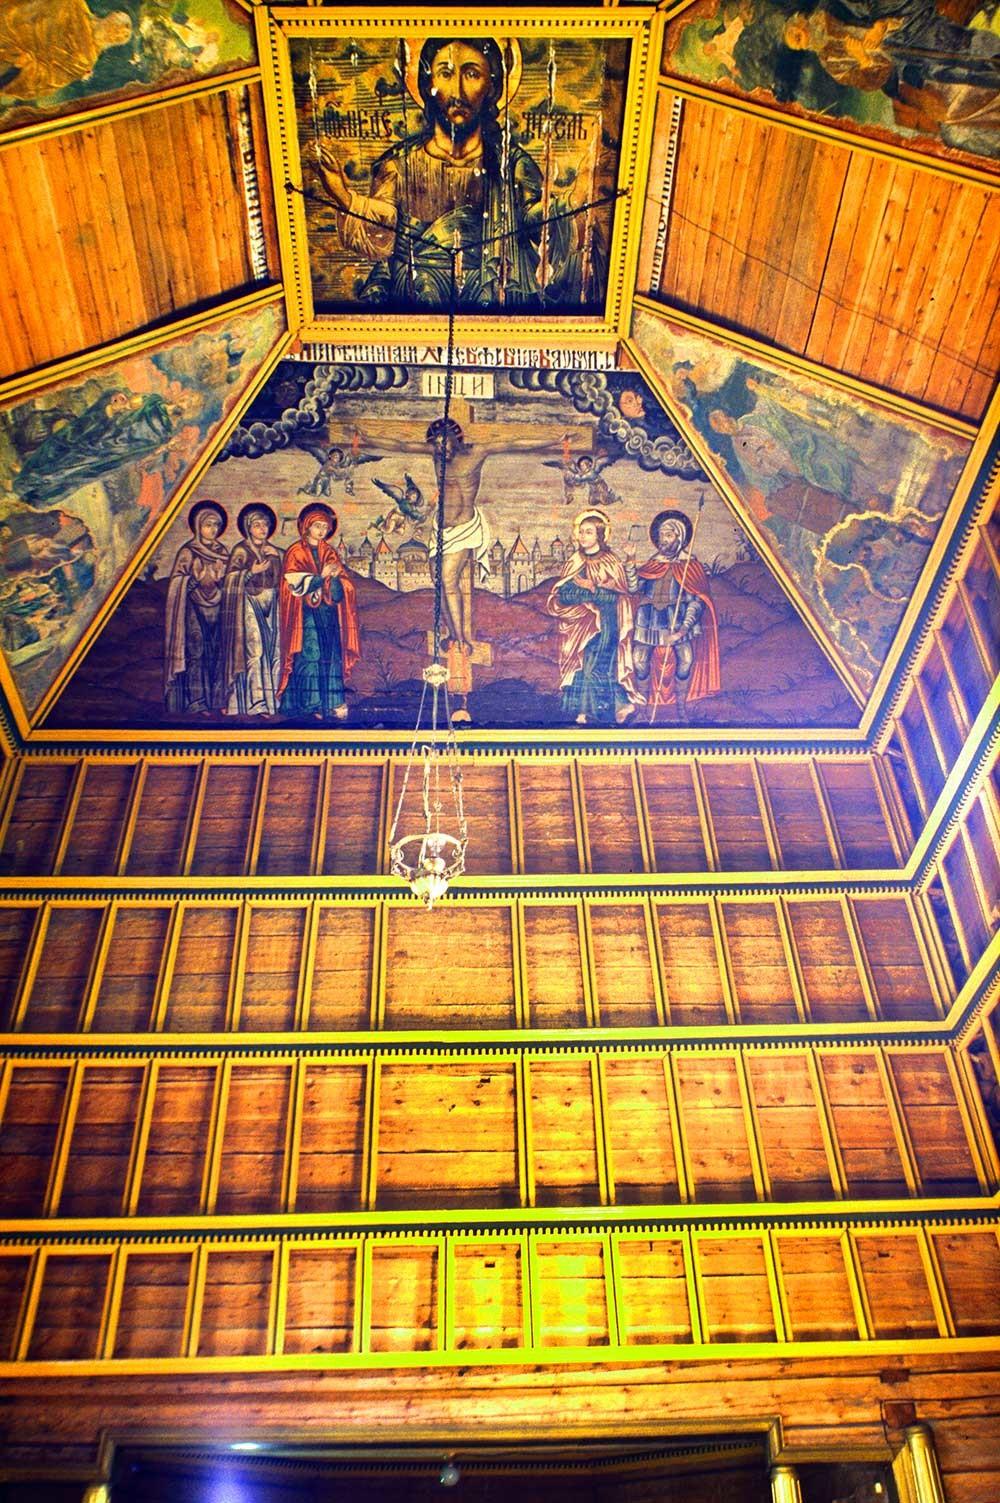 Iglesia del Profeta Elías, interior. Vista este con pinturas de Cristo en el techo y marco de la pantalla de iconos. 23 de julio de 1999.